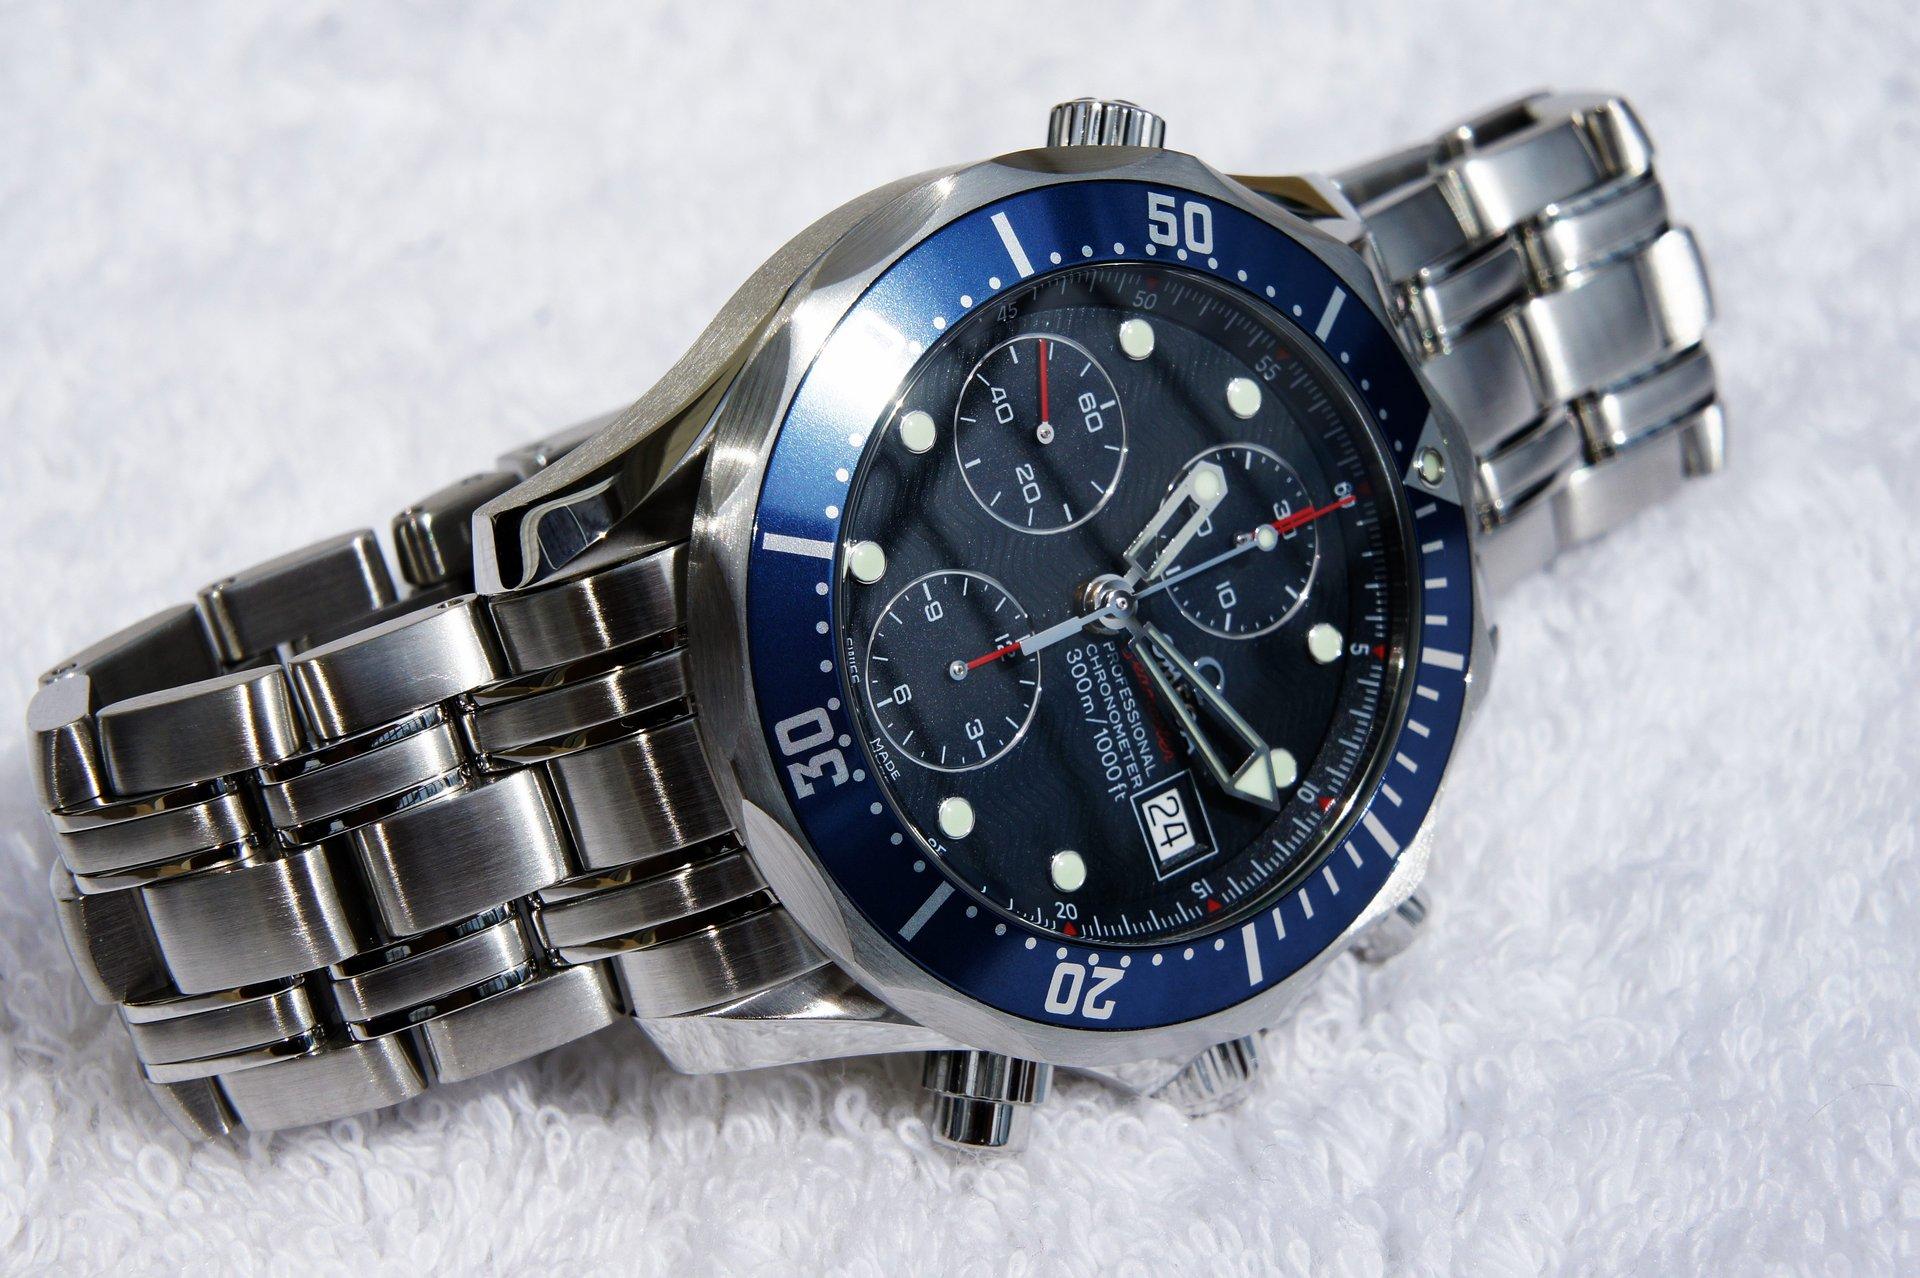 Erledigt omega seamaster diver 300 m chronograph 41 5 mm ref aus 10 2012 uhrforum for Omega diver